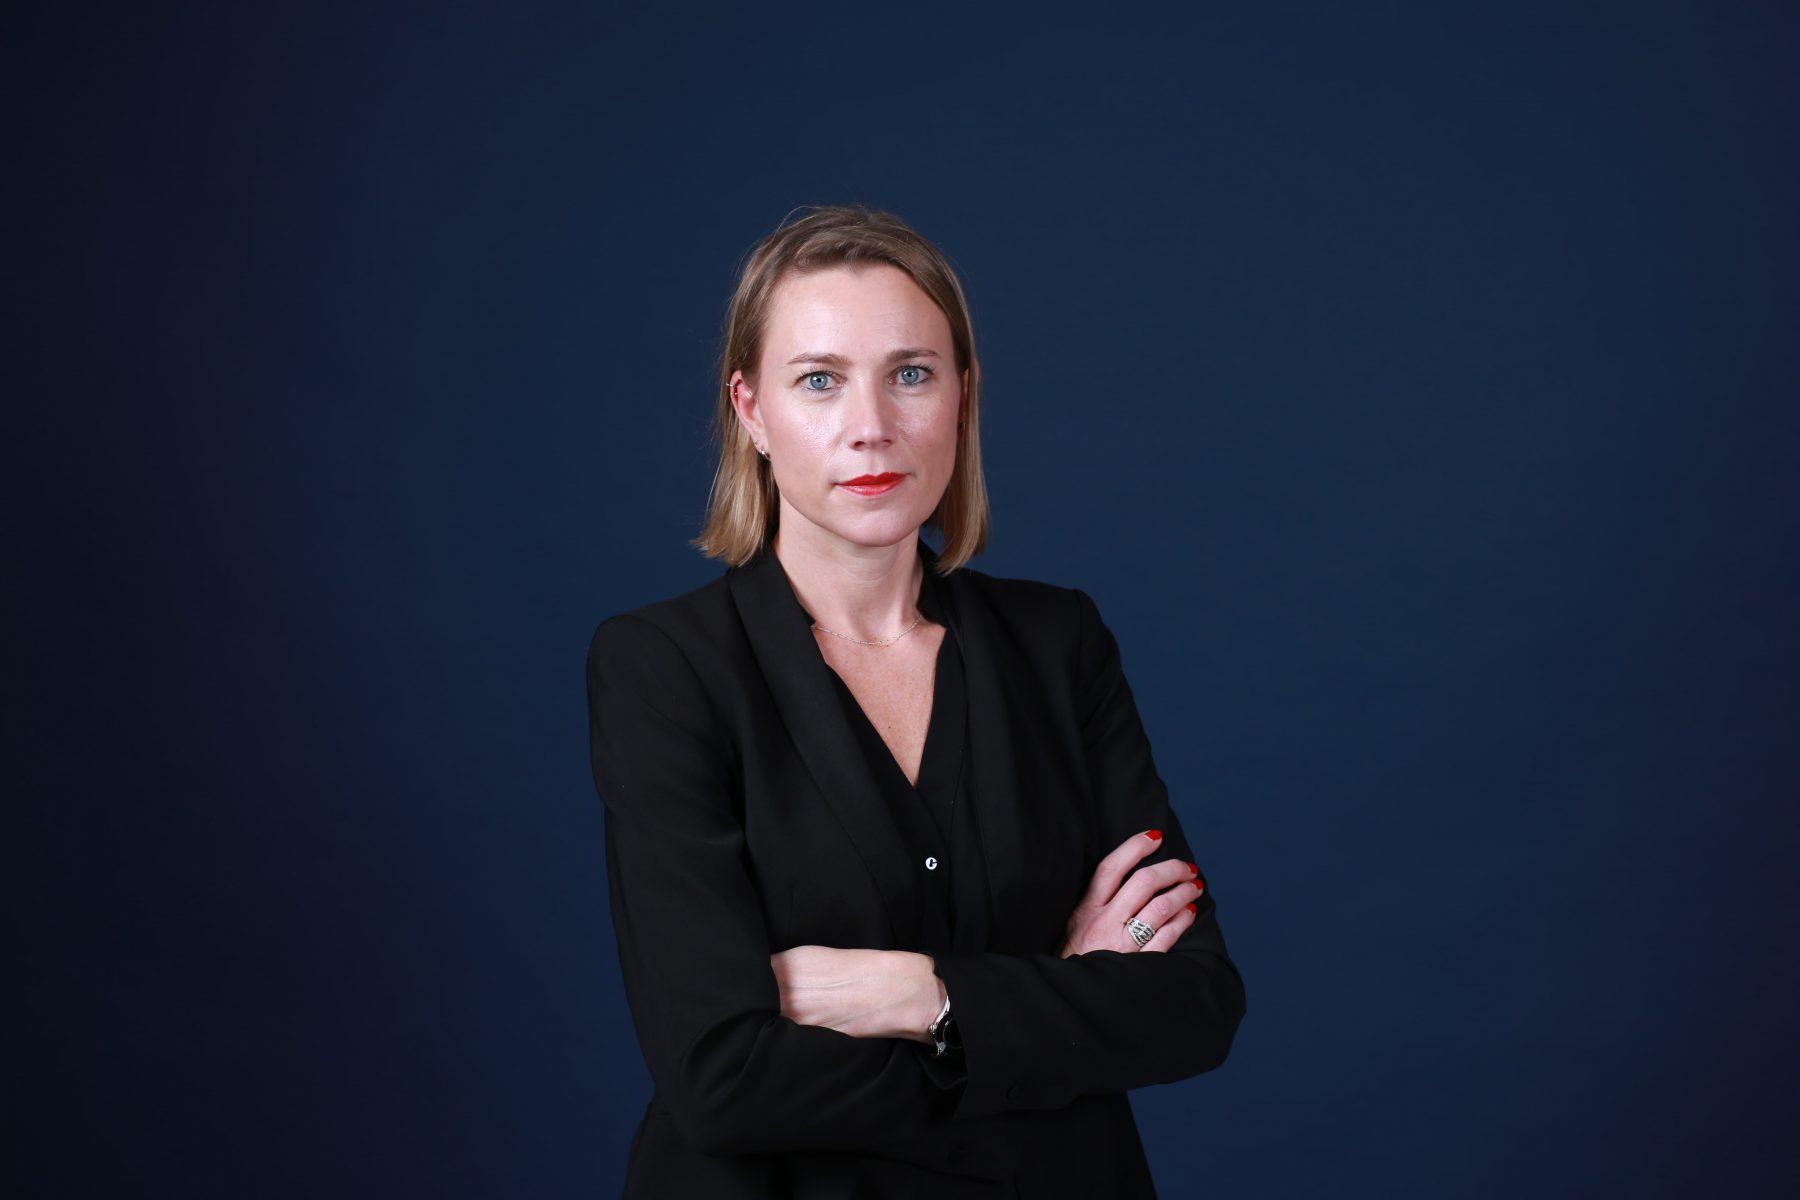 Amélie Robine